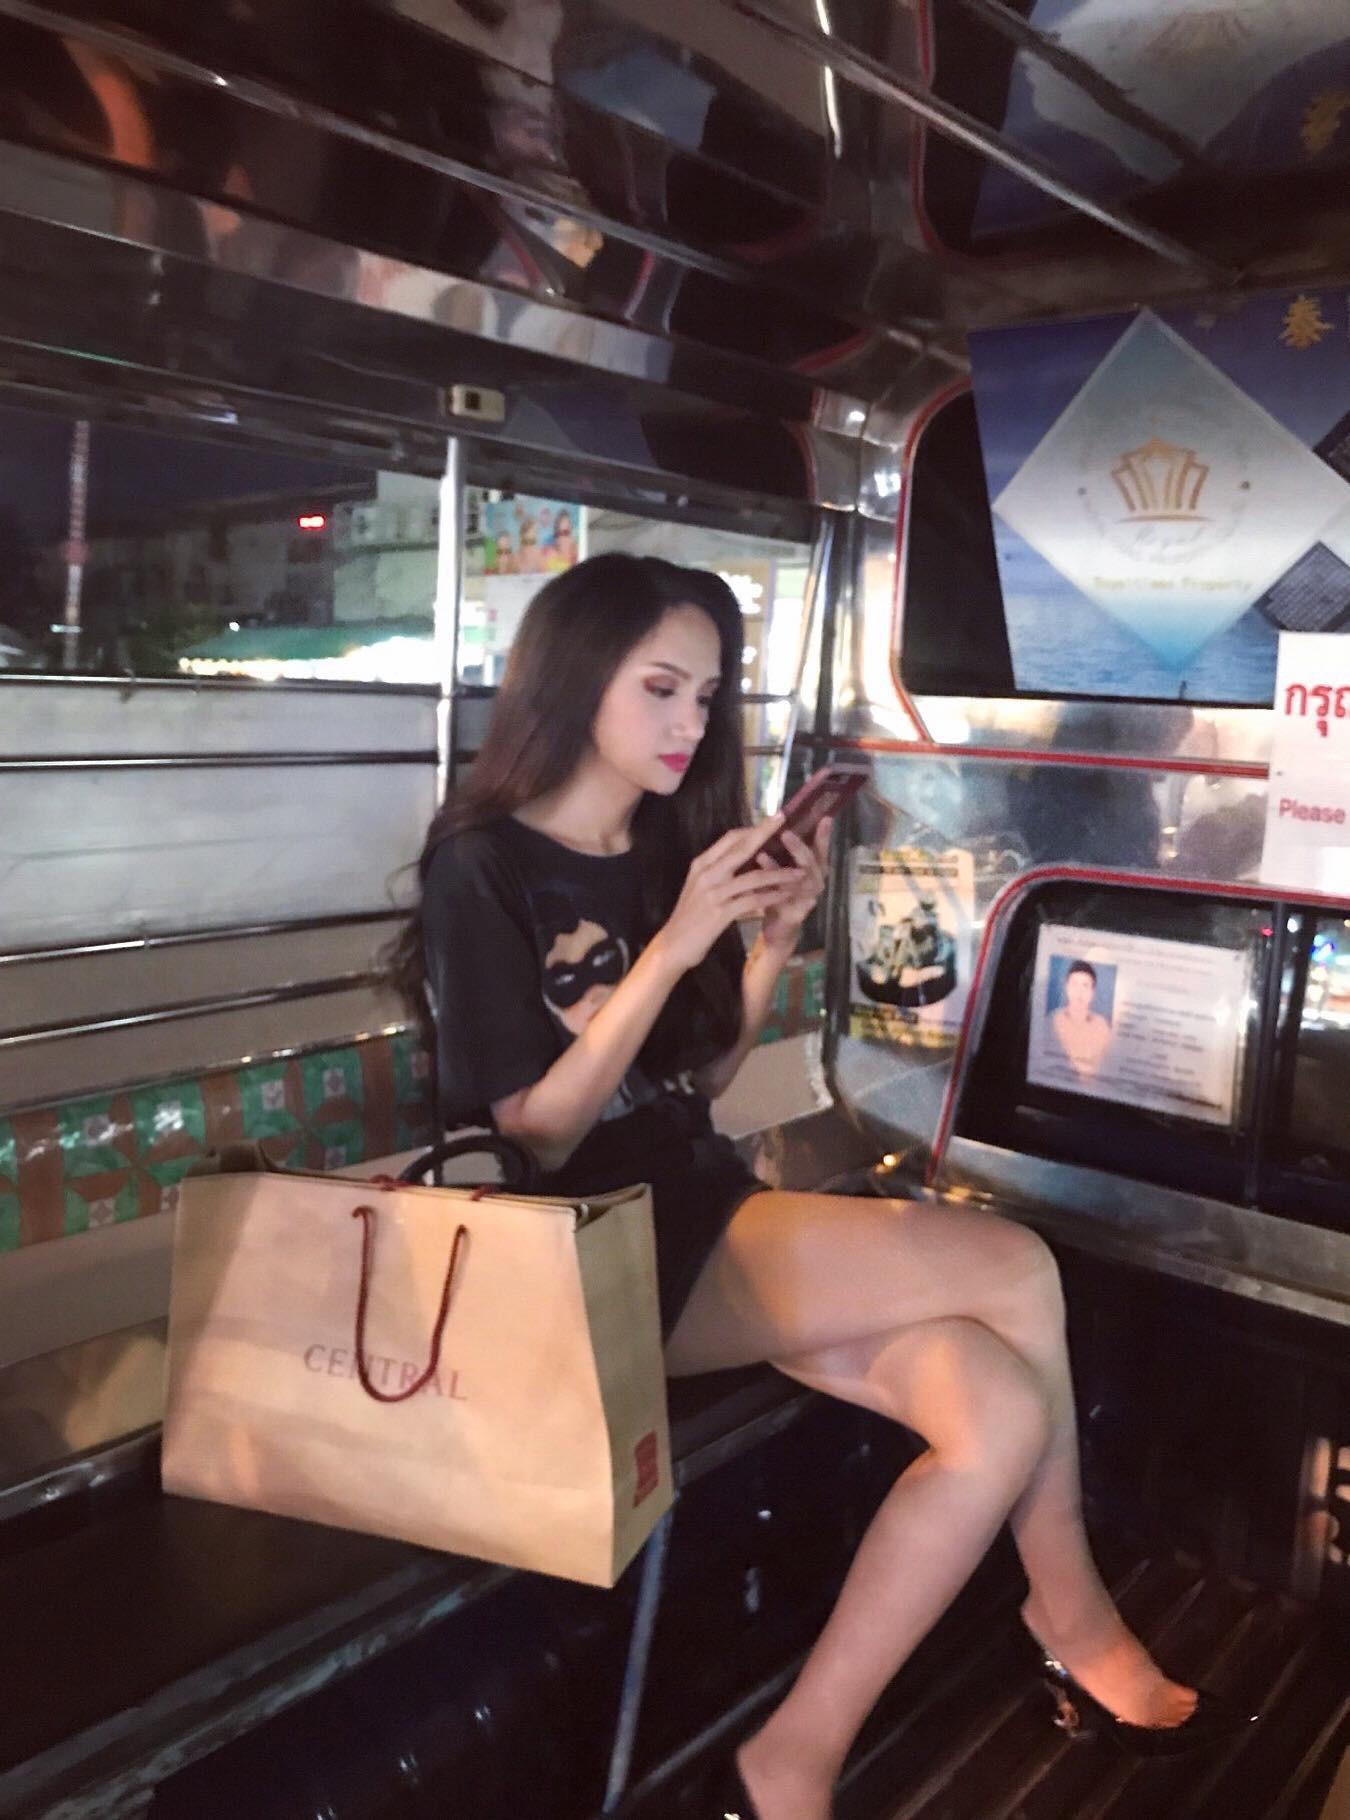 Giản dị đi shopping bằng phương tiện công cộng, Hương Giang được người hâm mộ quốc tế săn đón sau đăng quang - Ảnh 1.